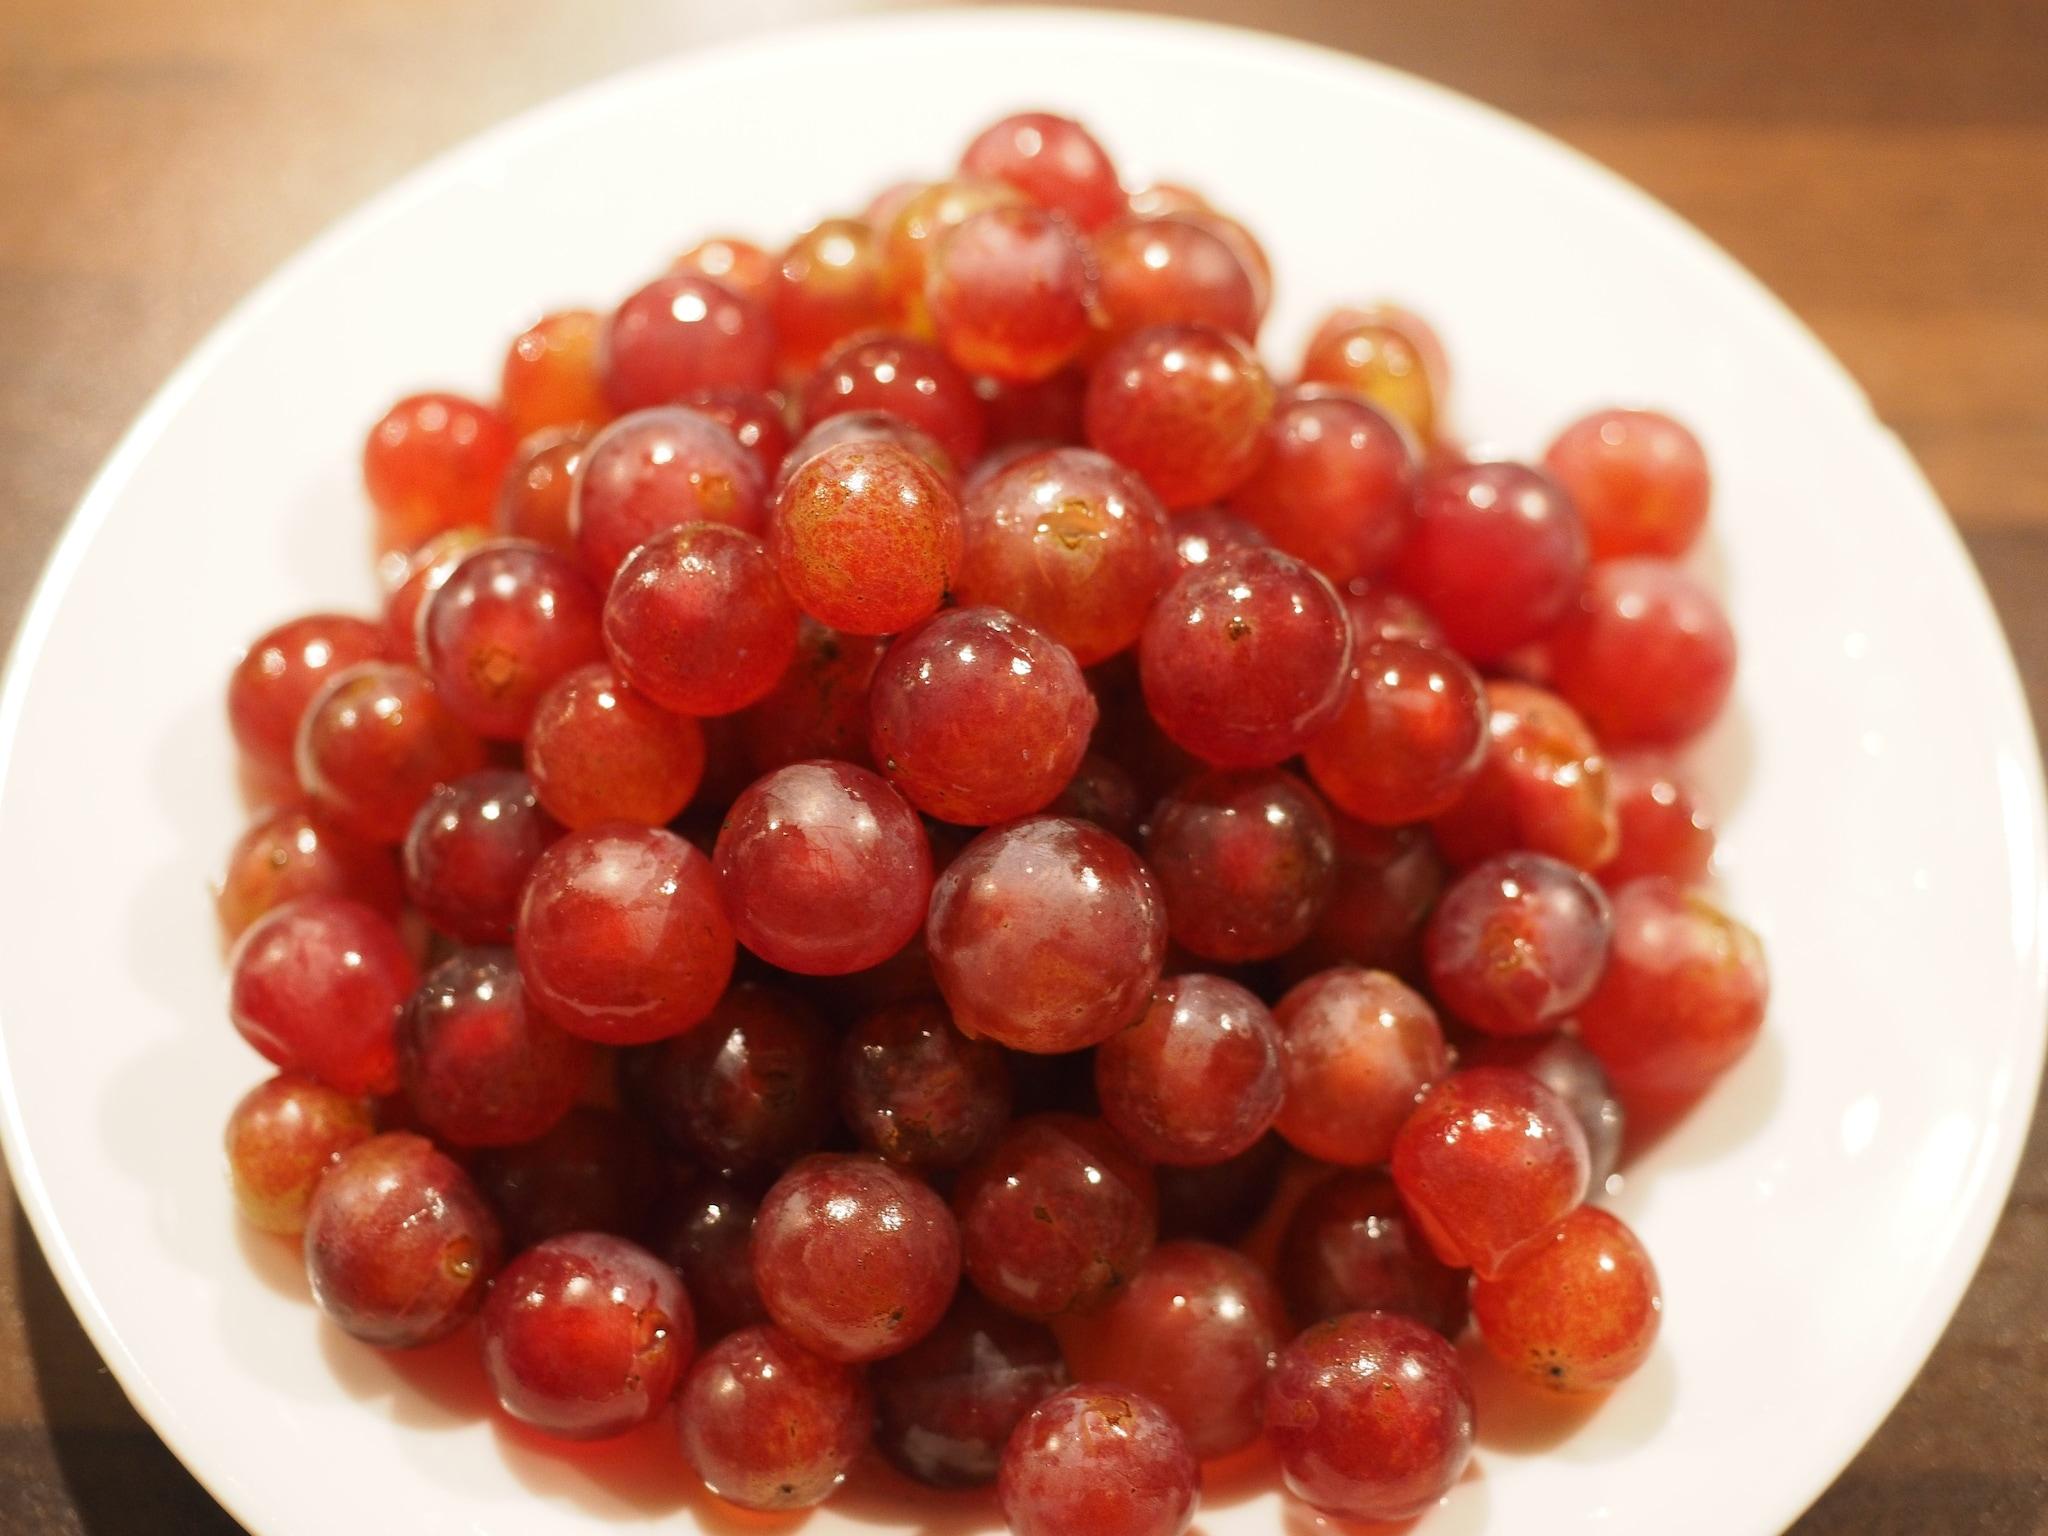 Mangiare chicchi d'uva in Spagna